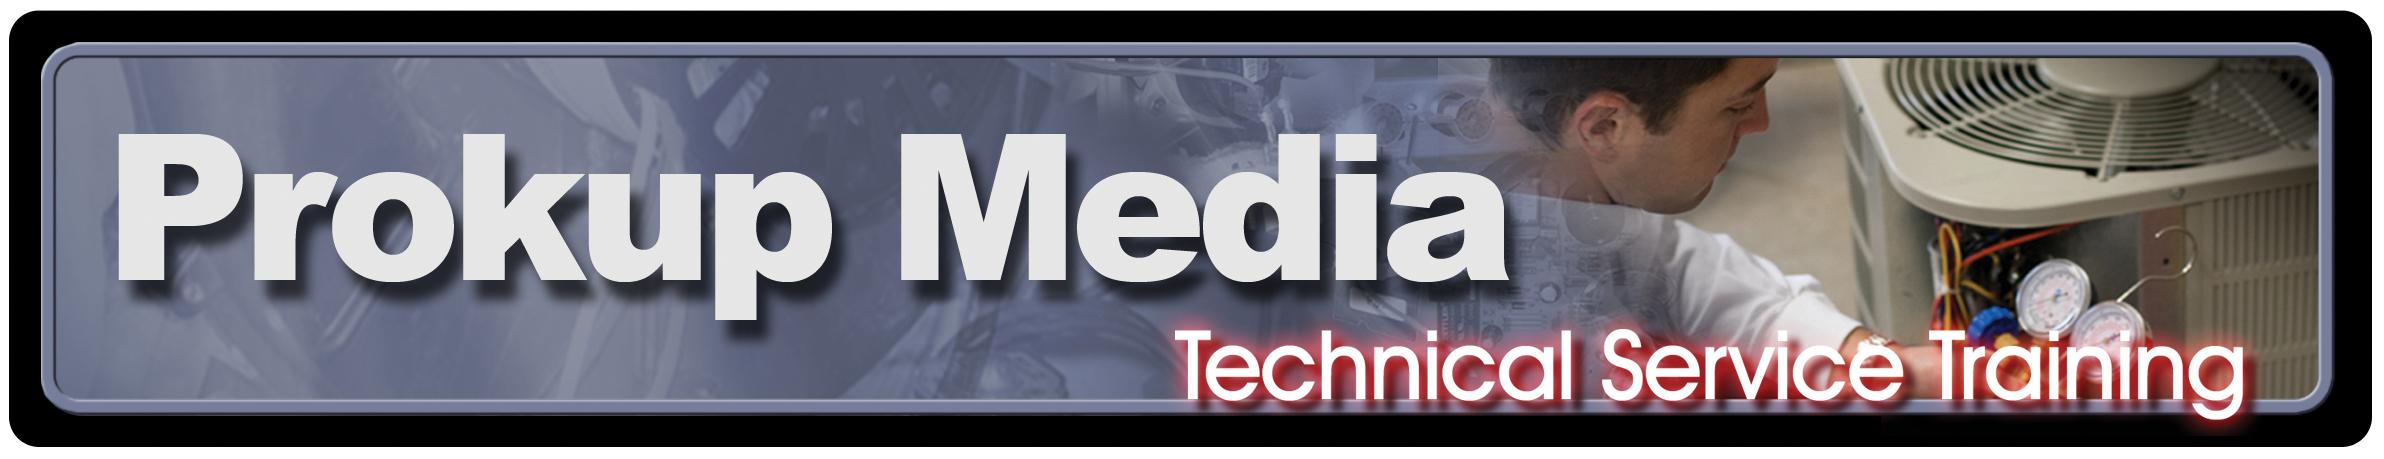 Prokup-Media-Banner.jpg